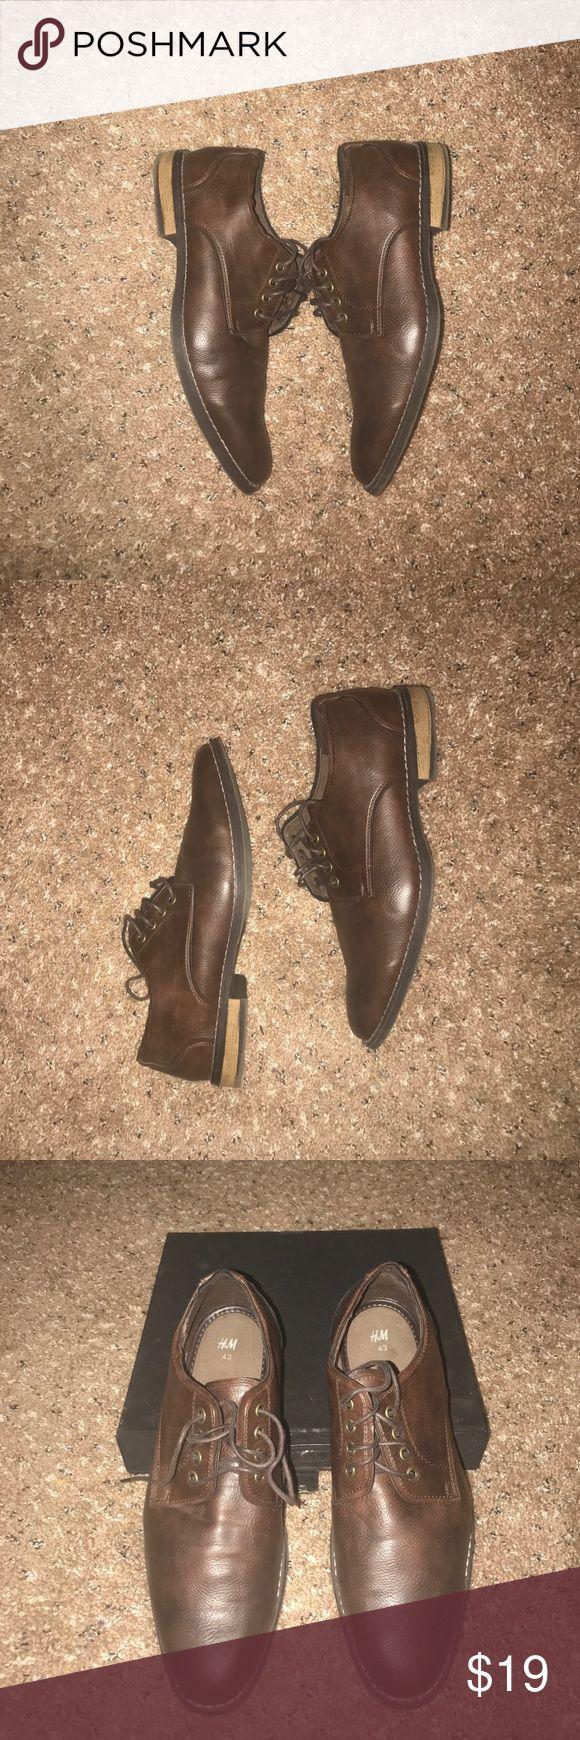 *Flash Sale* H&M Men's Shoes Brown Leather style H&M Men's Shoe with brown shoe laces. H&M Shoes Oxfords & Derbys